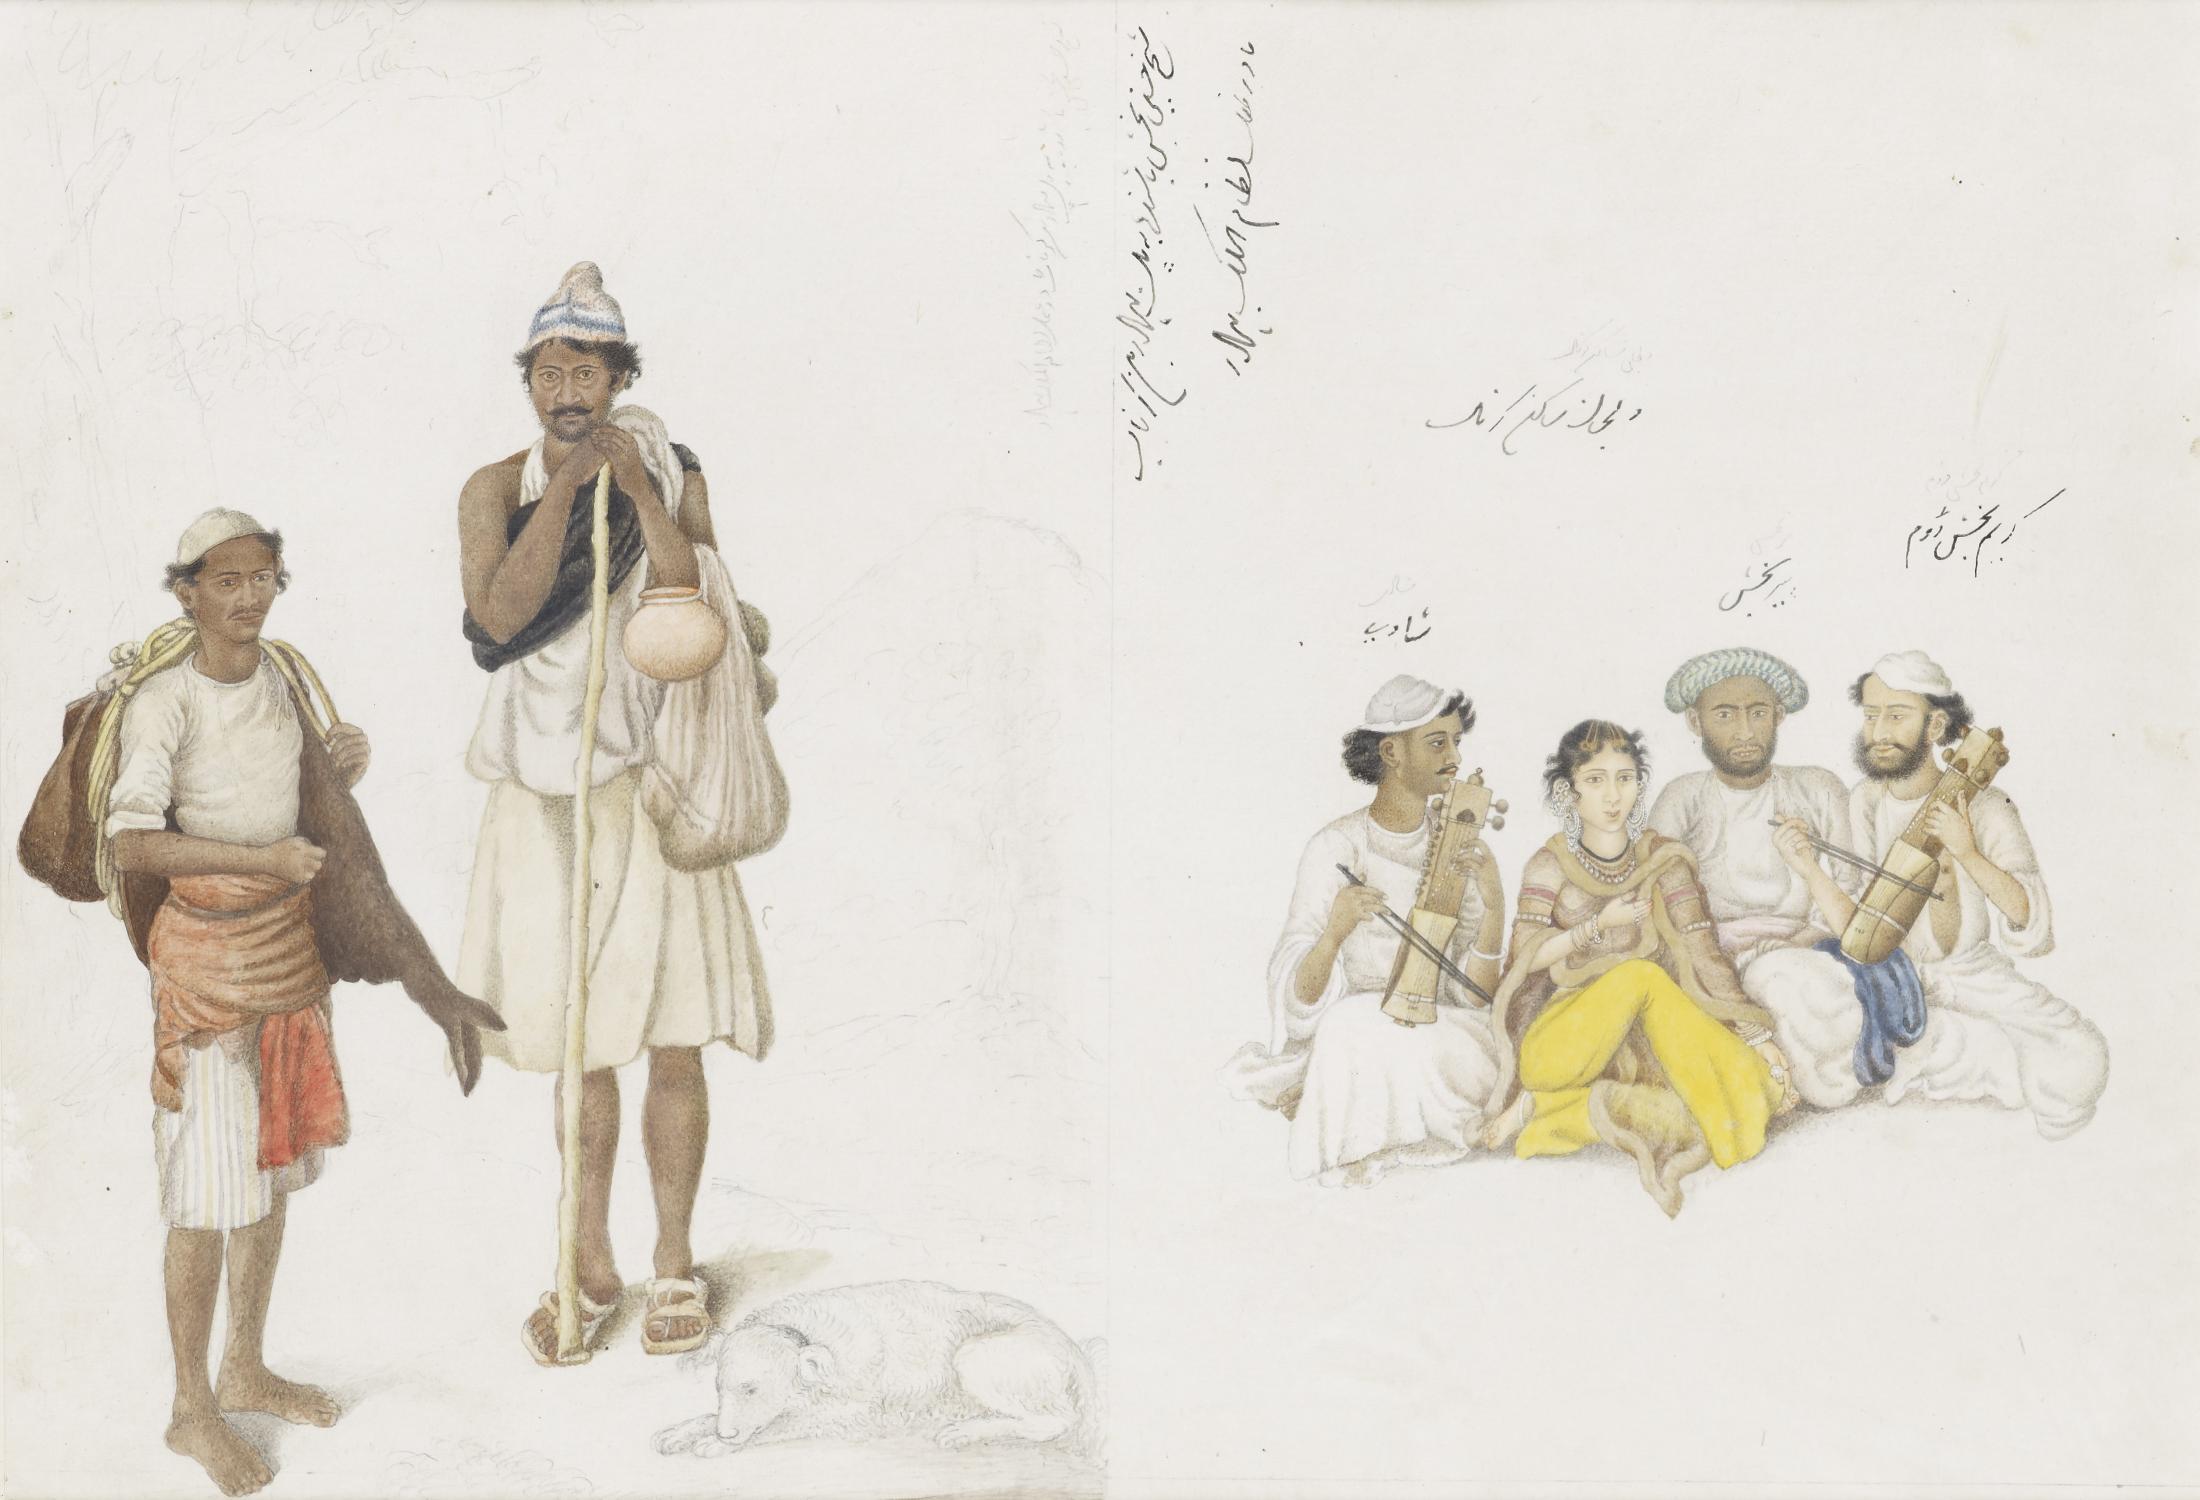 Illustration from the Fraser Album: Shayk Husayn Bakhsh, a mendicant; The musicians Karim Baksh, Pir Bakhsh, Dil Jan of Karnal and Shadi